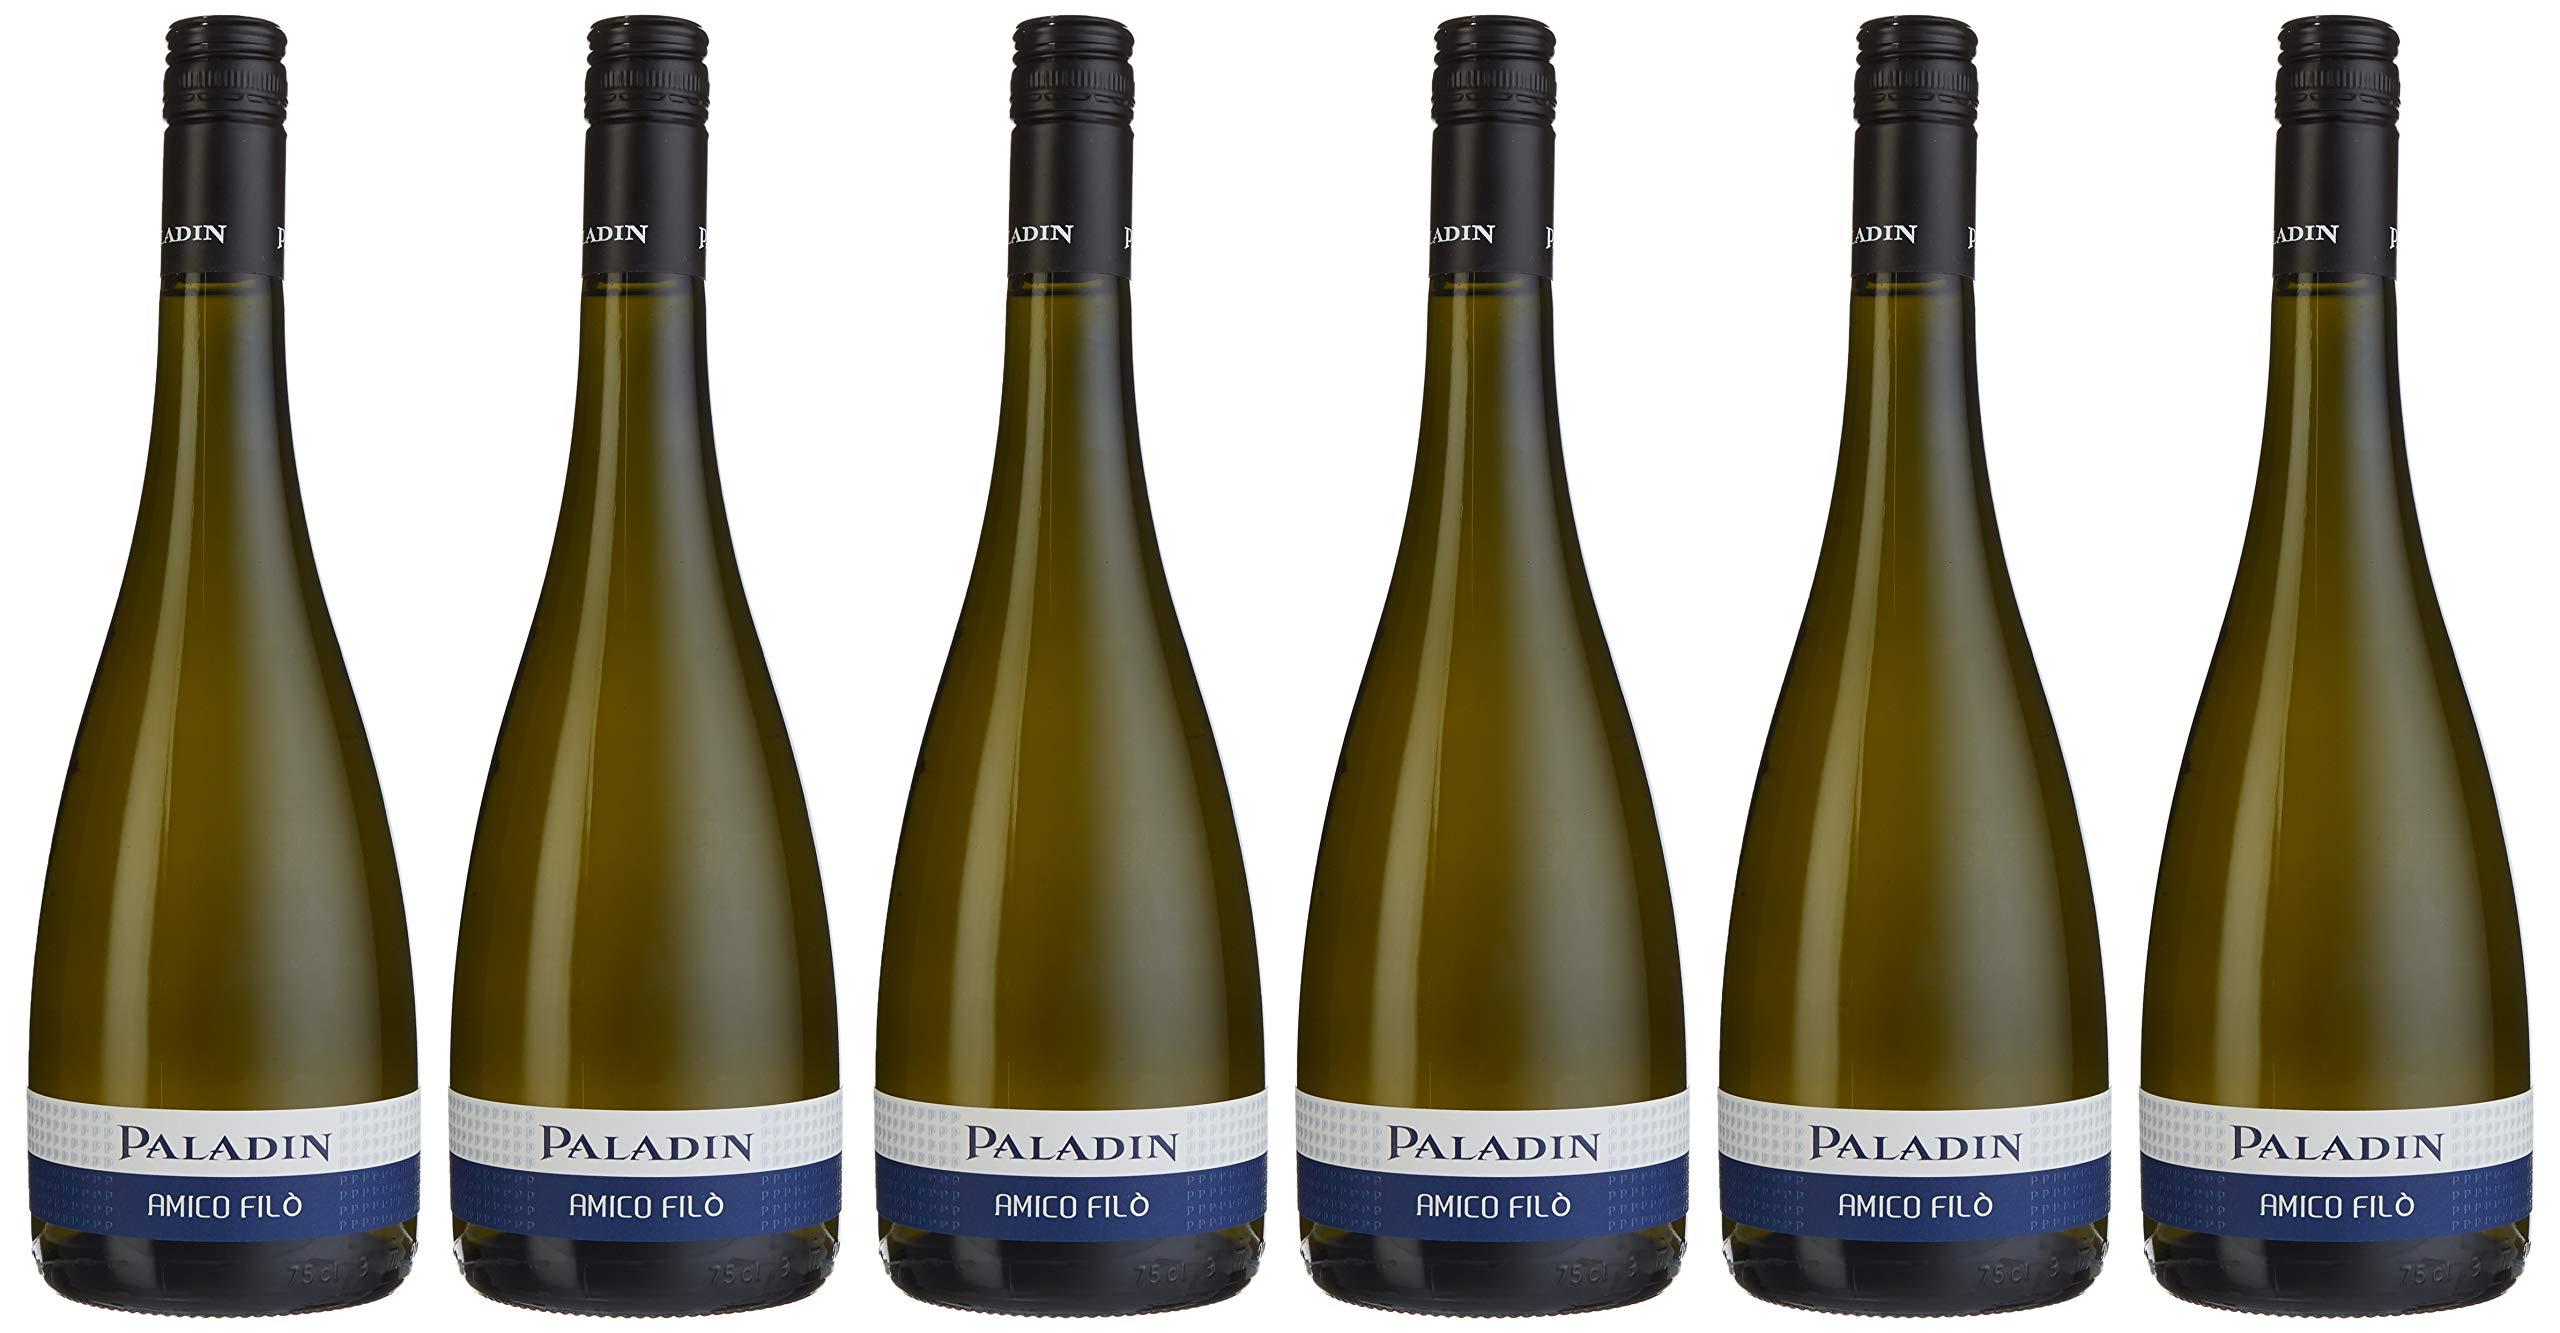 Paladin-Amico-Fil-Vino-Bianco-Frizzante-6-x-075-l